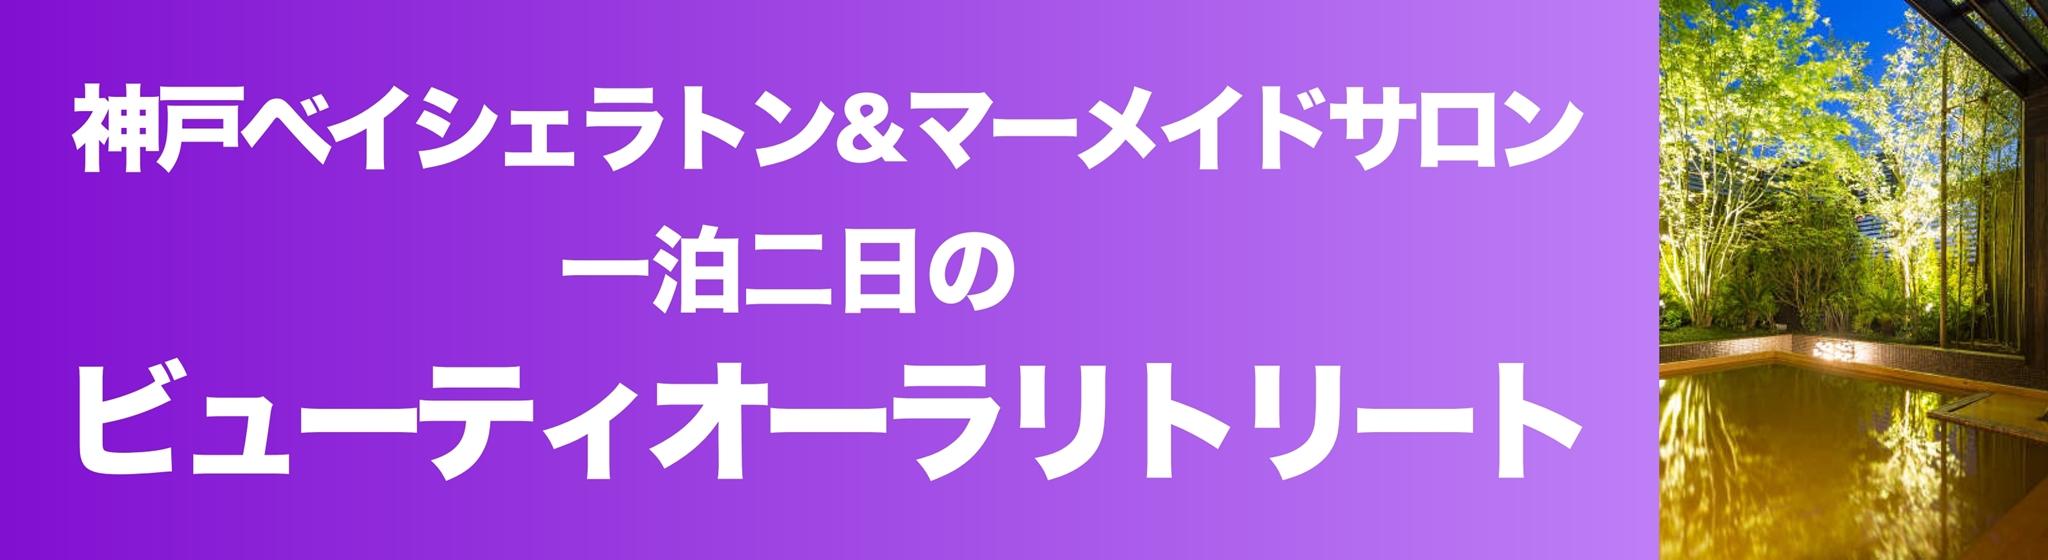 20191025_サイド_マーメイドアカデミー380x104_01_x2048